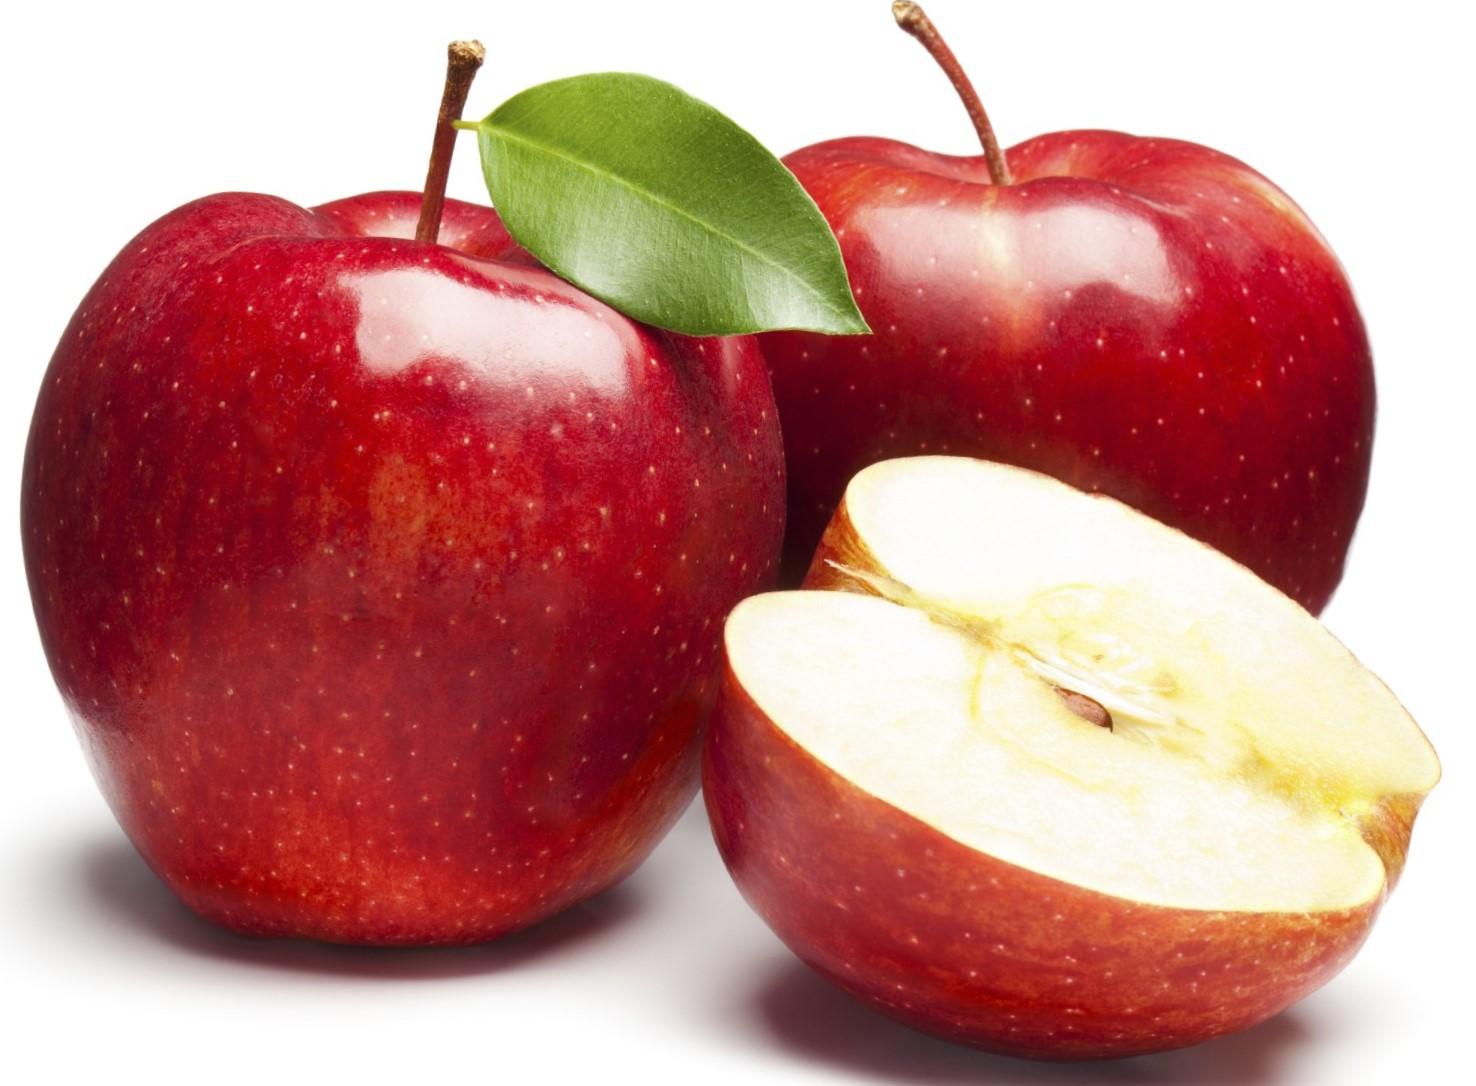 สารสกัดแอปเปิ้ล